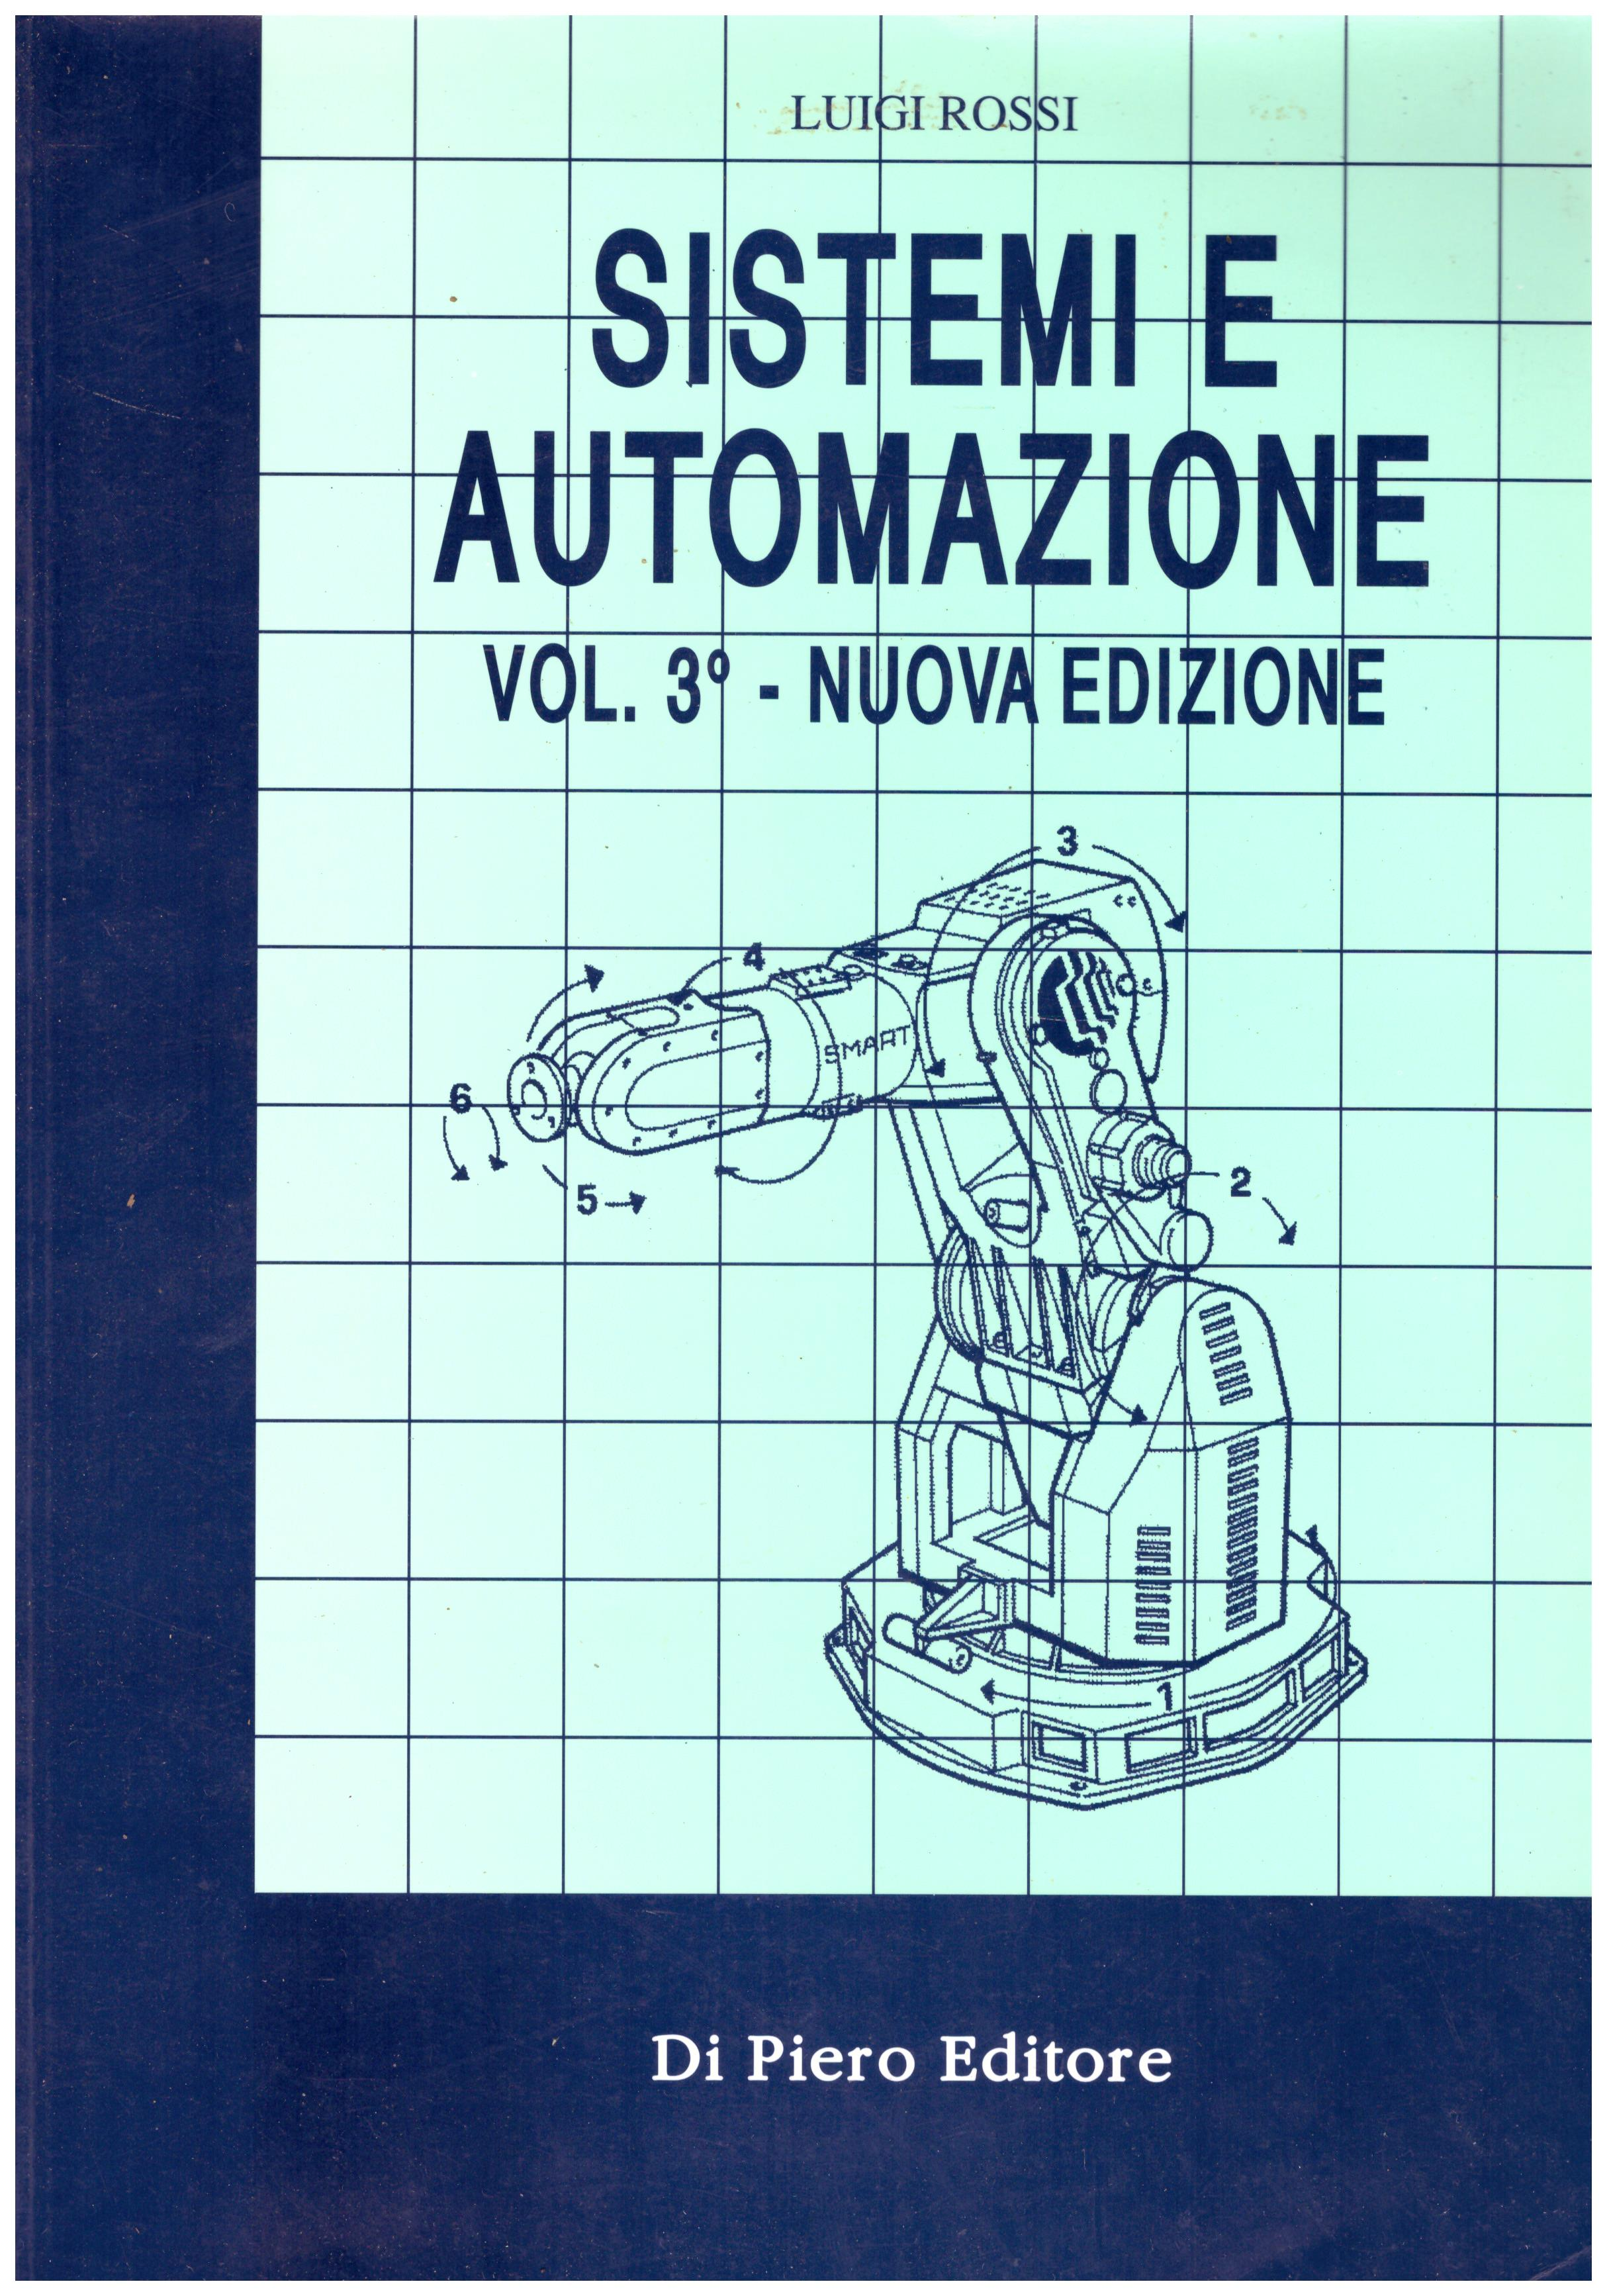 Titolo: Sistemi e automazione vol. 3 nuova edizione   Autore : Luigi Rossi  Editore: Di Pietro editore 1996